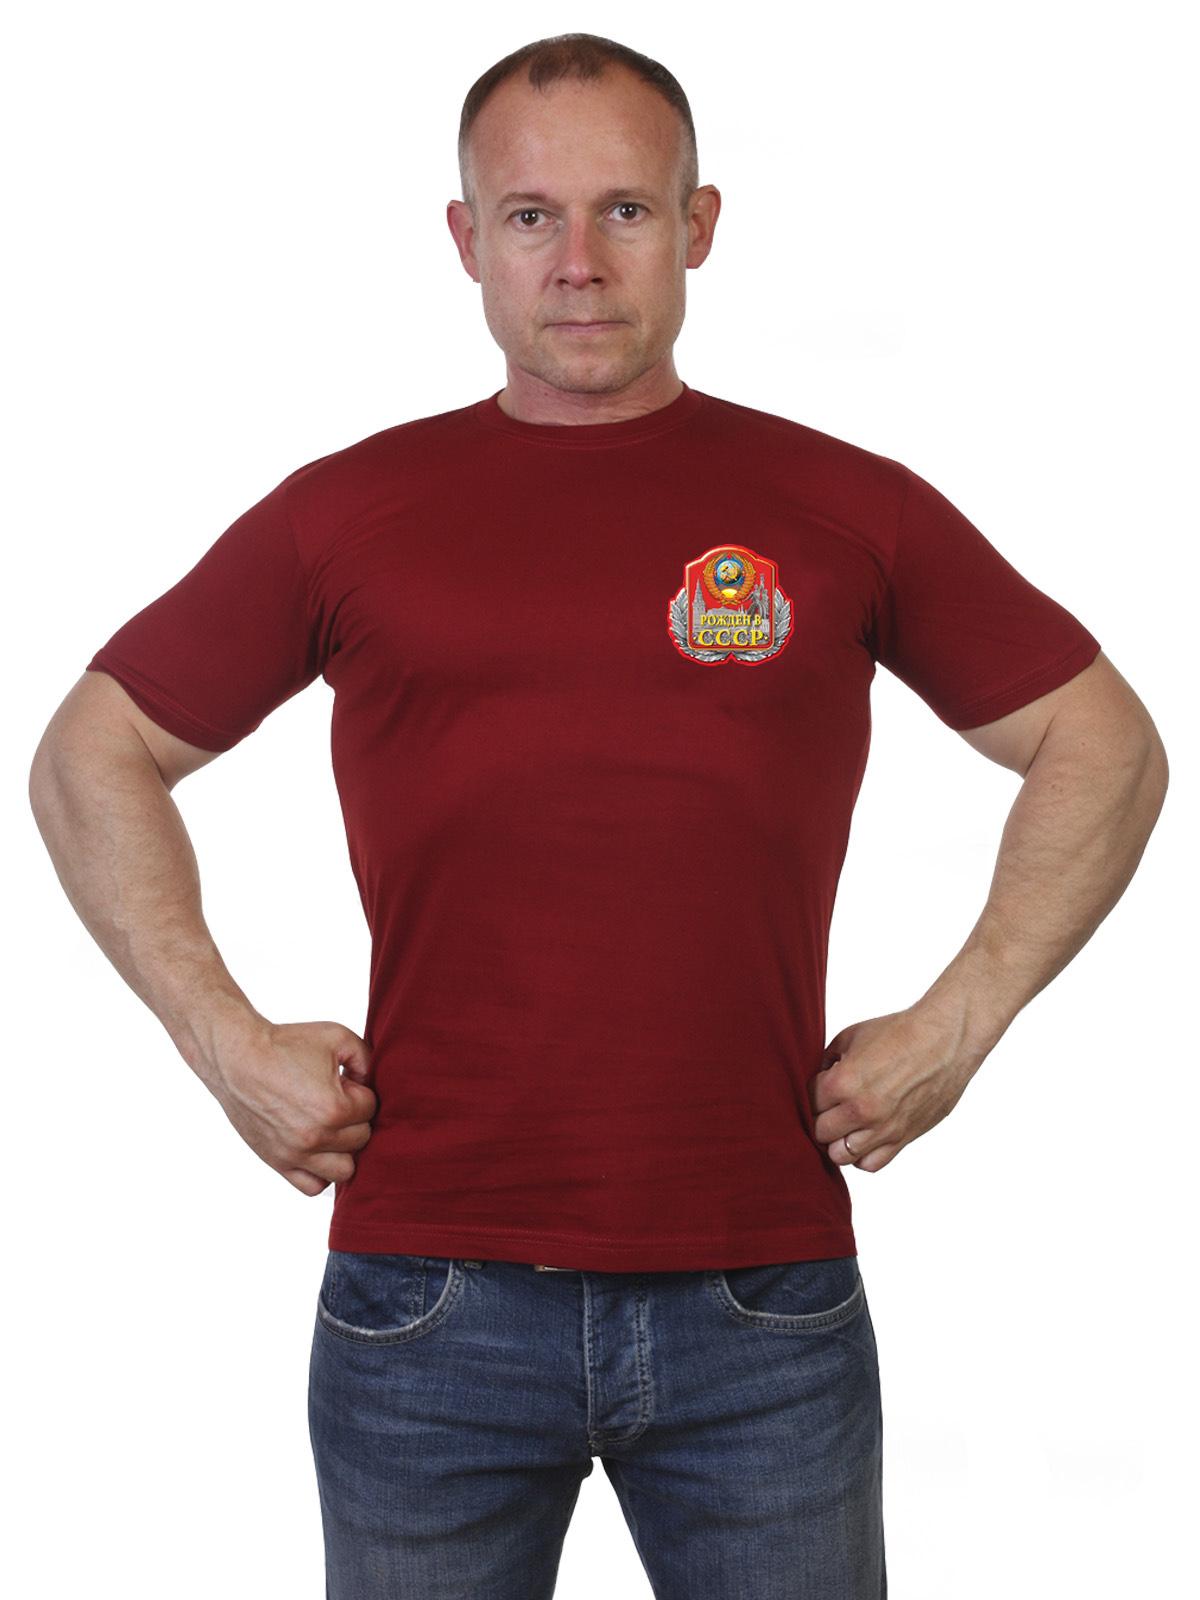 Купить  футболку с принтом СССР